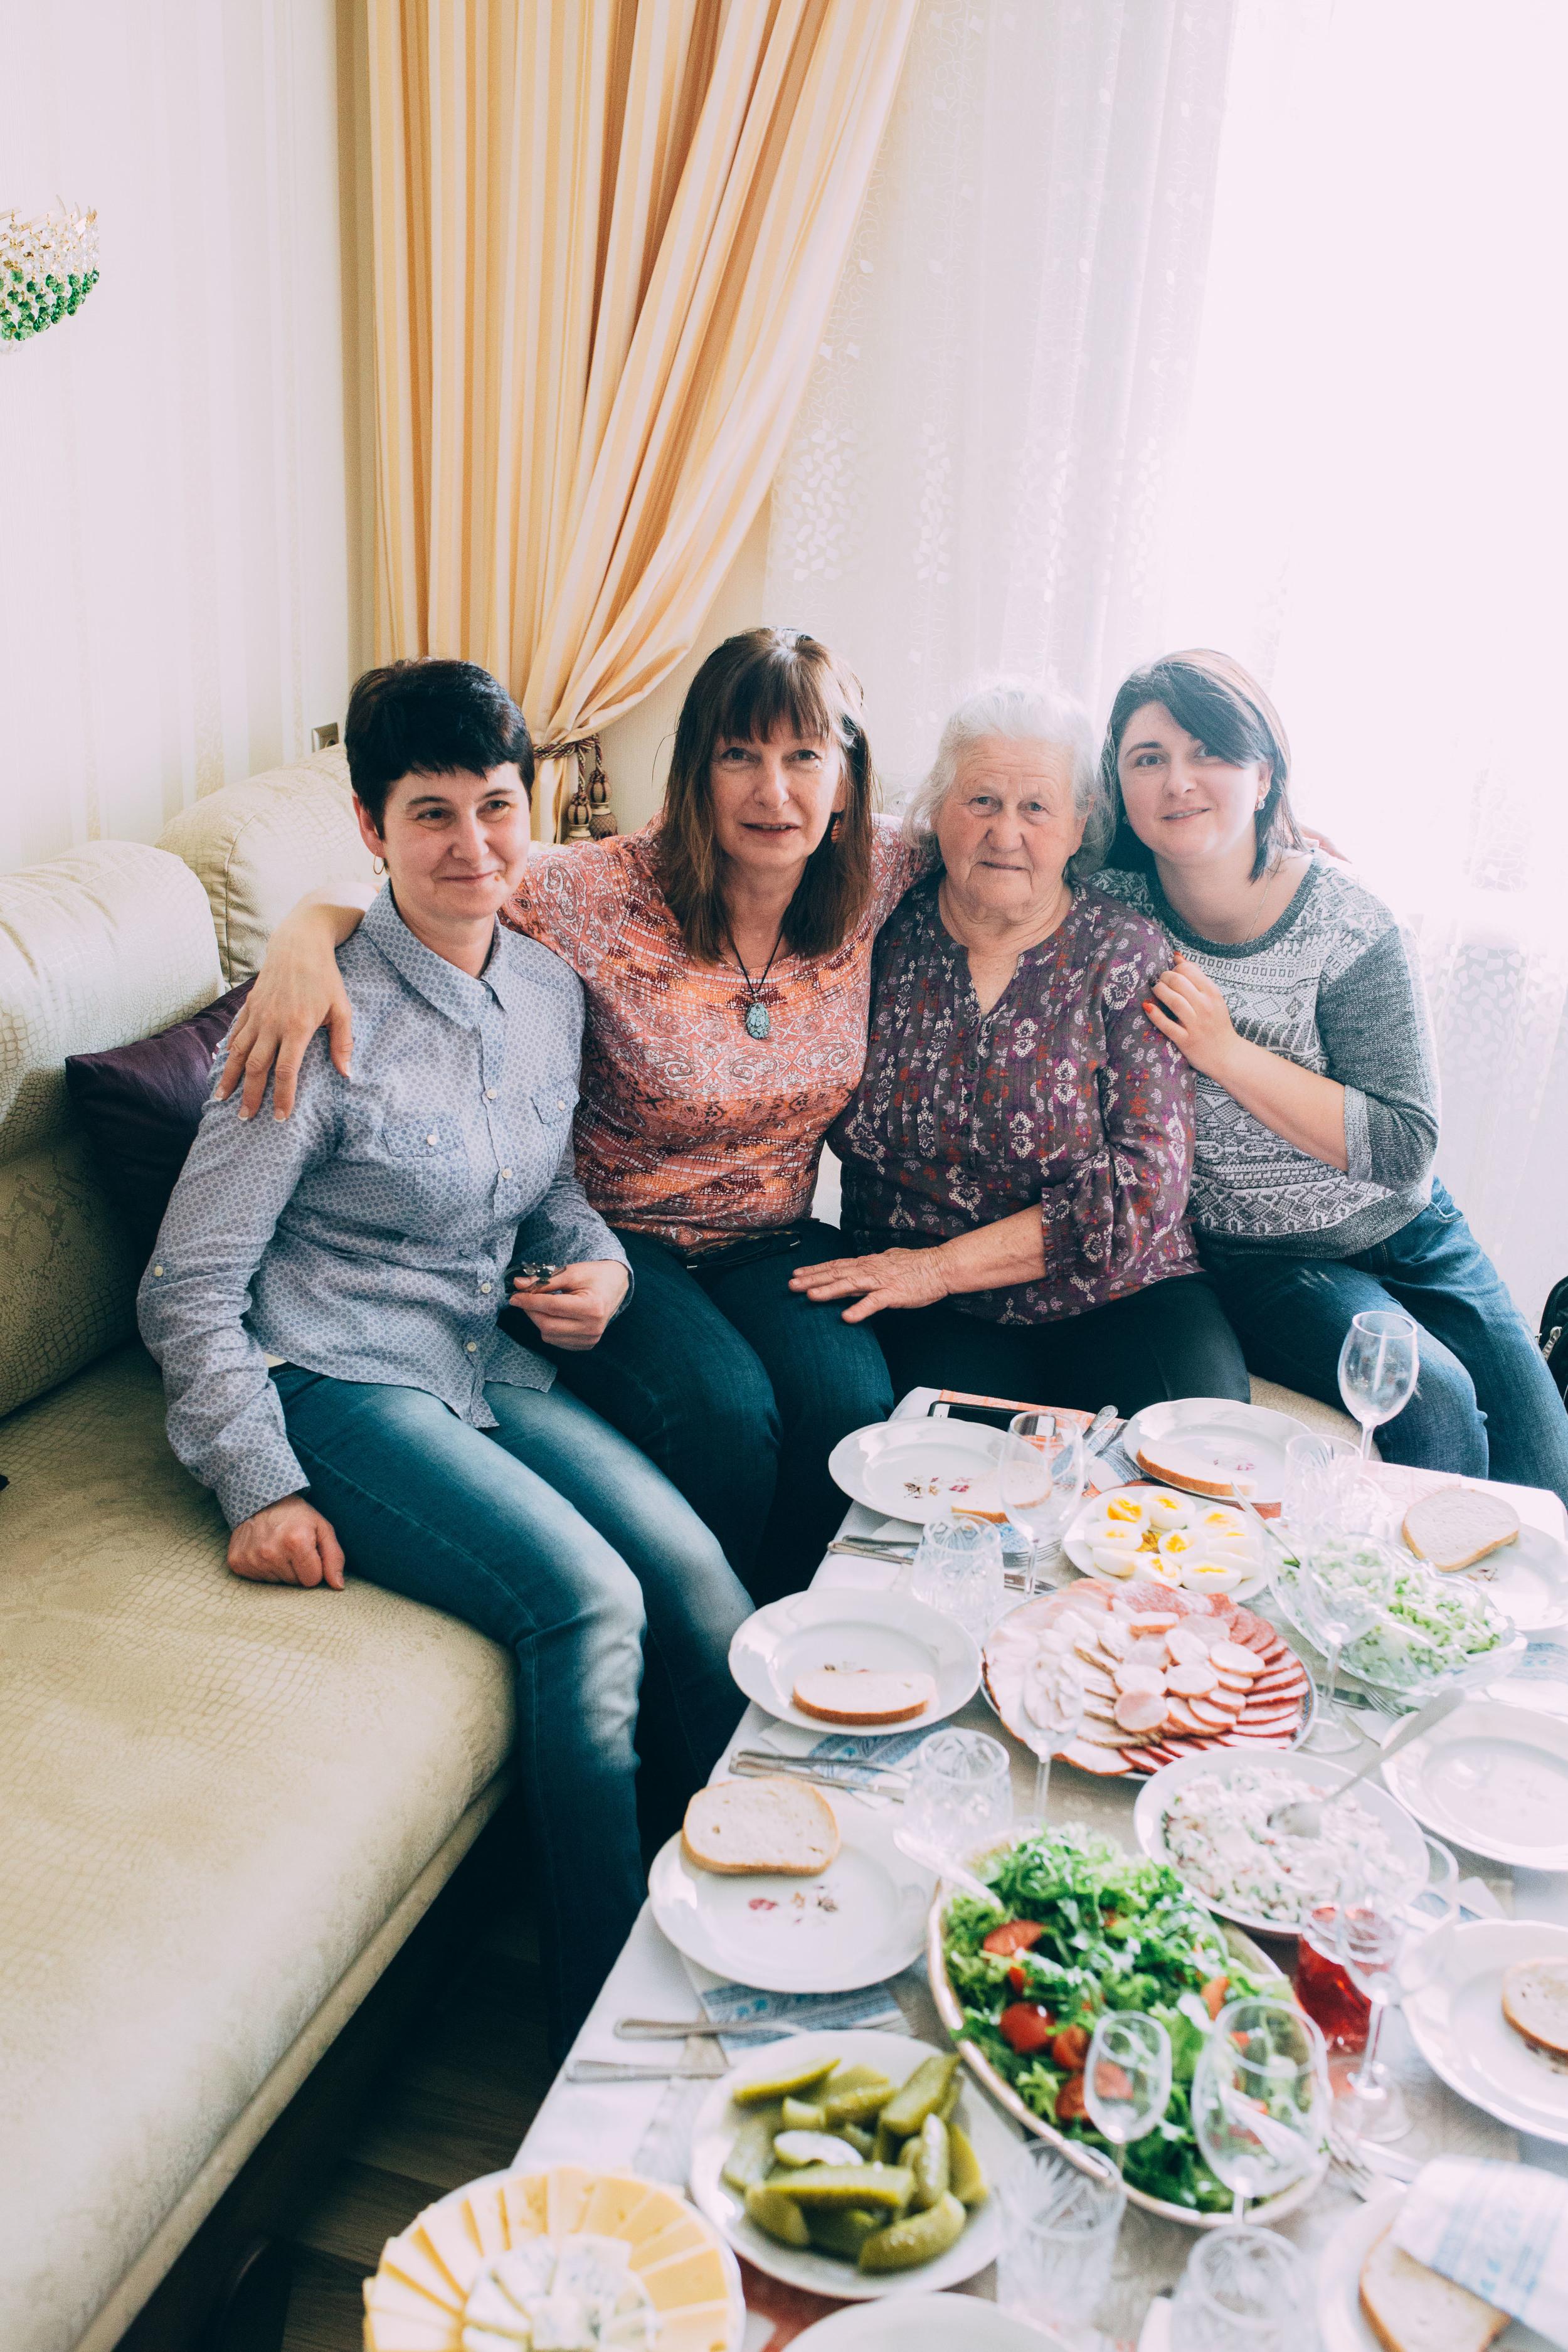 Chervonograd. Marusia, Mom, Katya and Oksana.